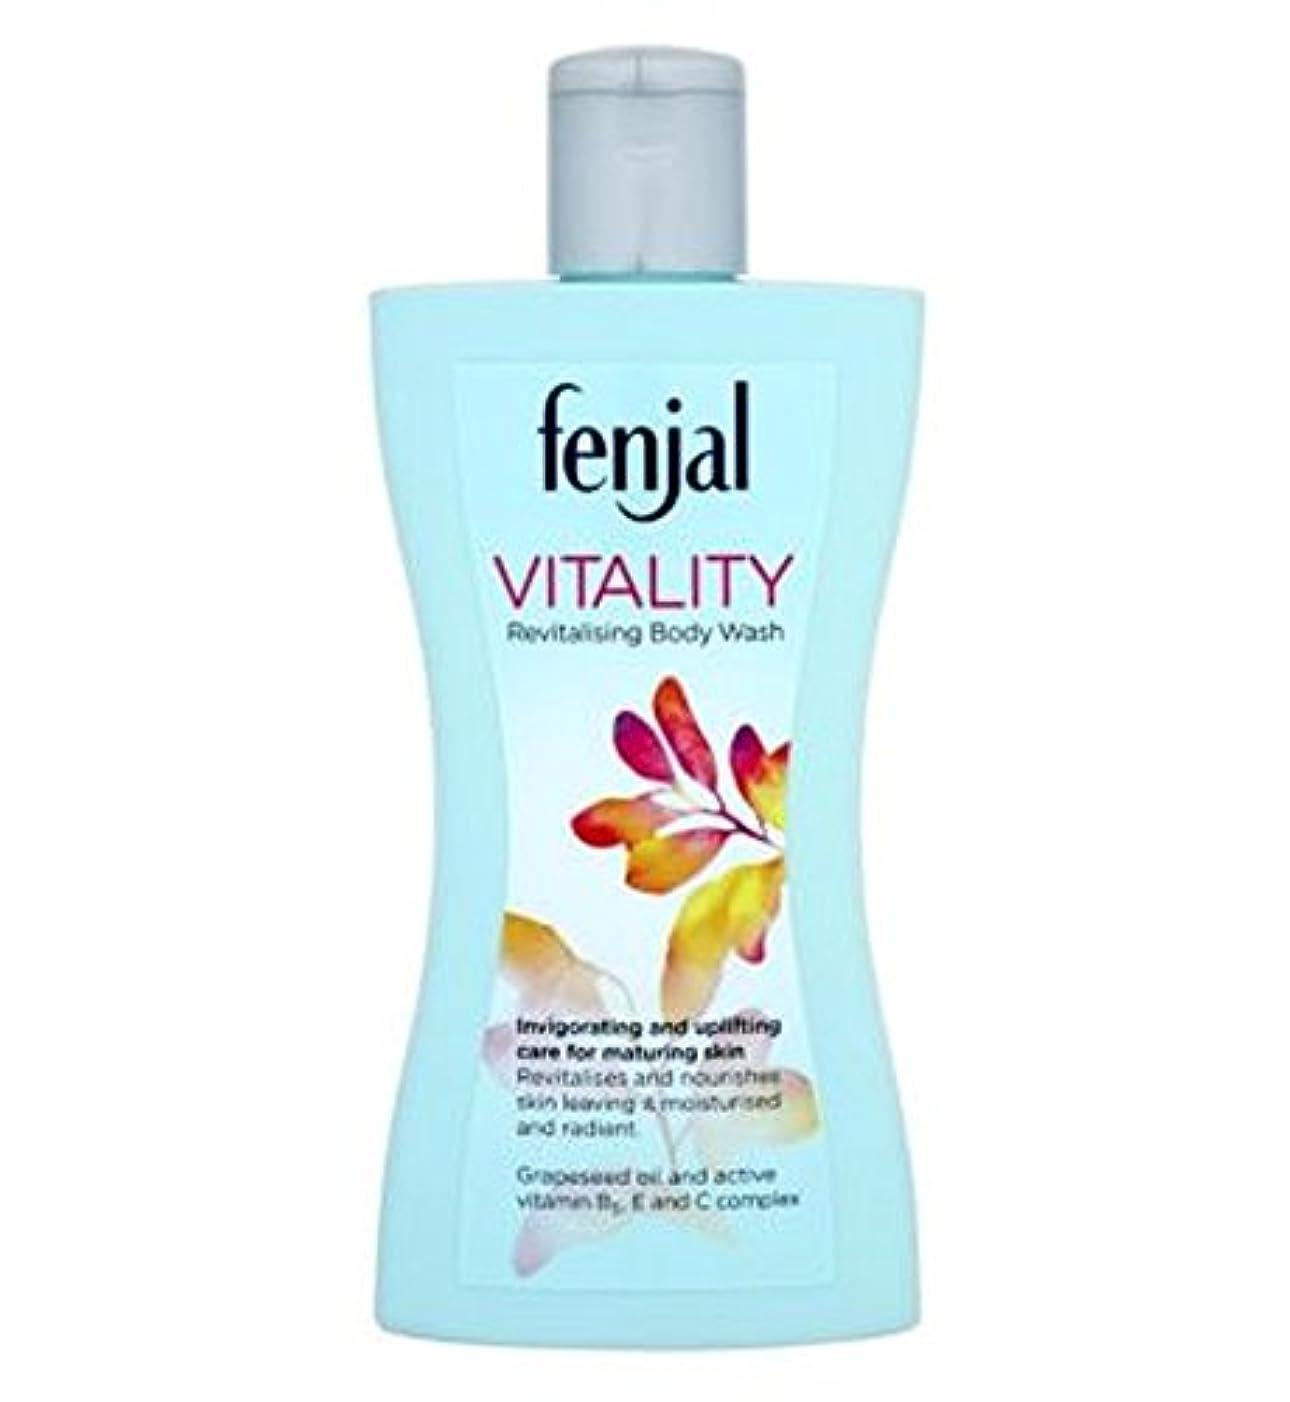 大聖堂感情の委員長Fenjal Vitality revitalising Body Wash - Fenjal活力活性化ボディウォッシュ (Fenjal) [並行輸入品]